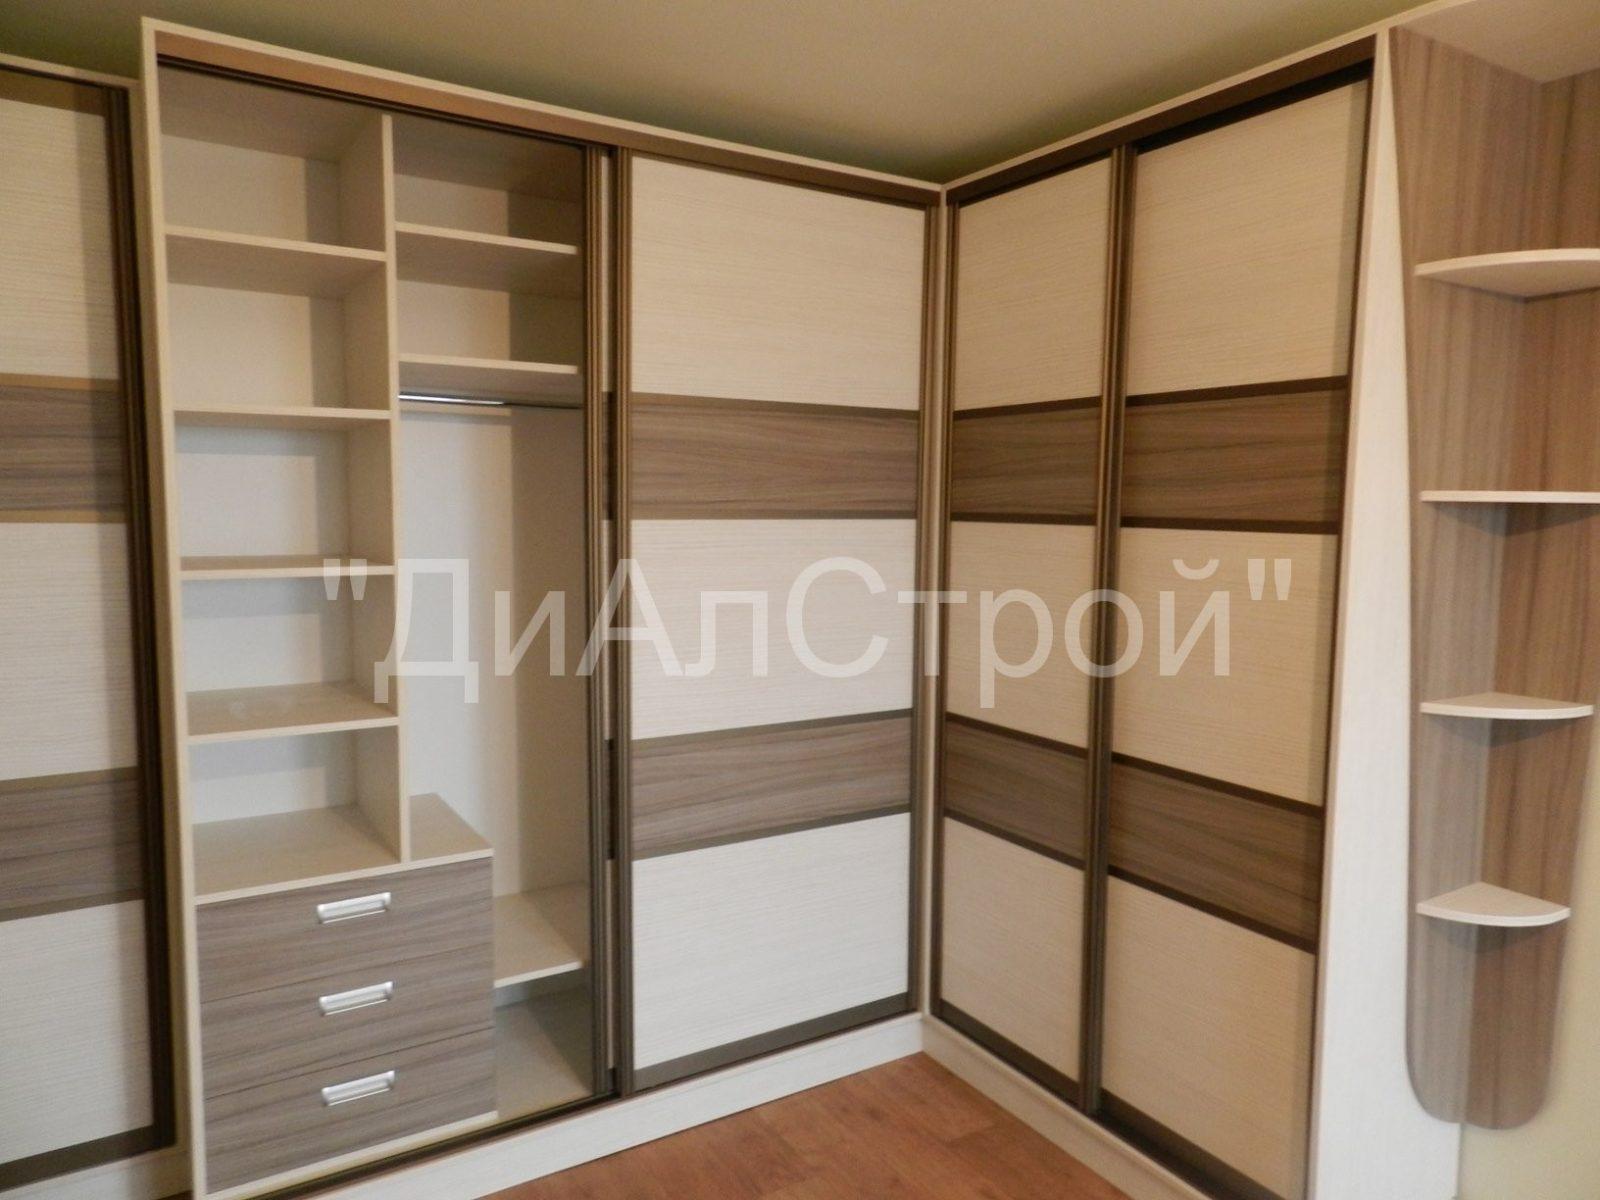 Цены шкафы-купе и другая мебель на заказ в тольятти , купить.